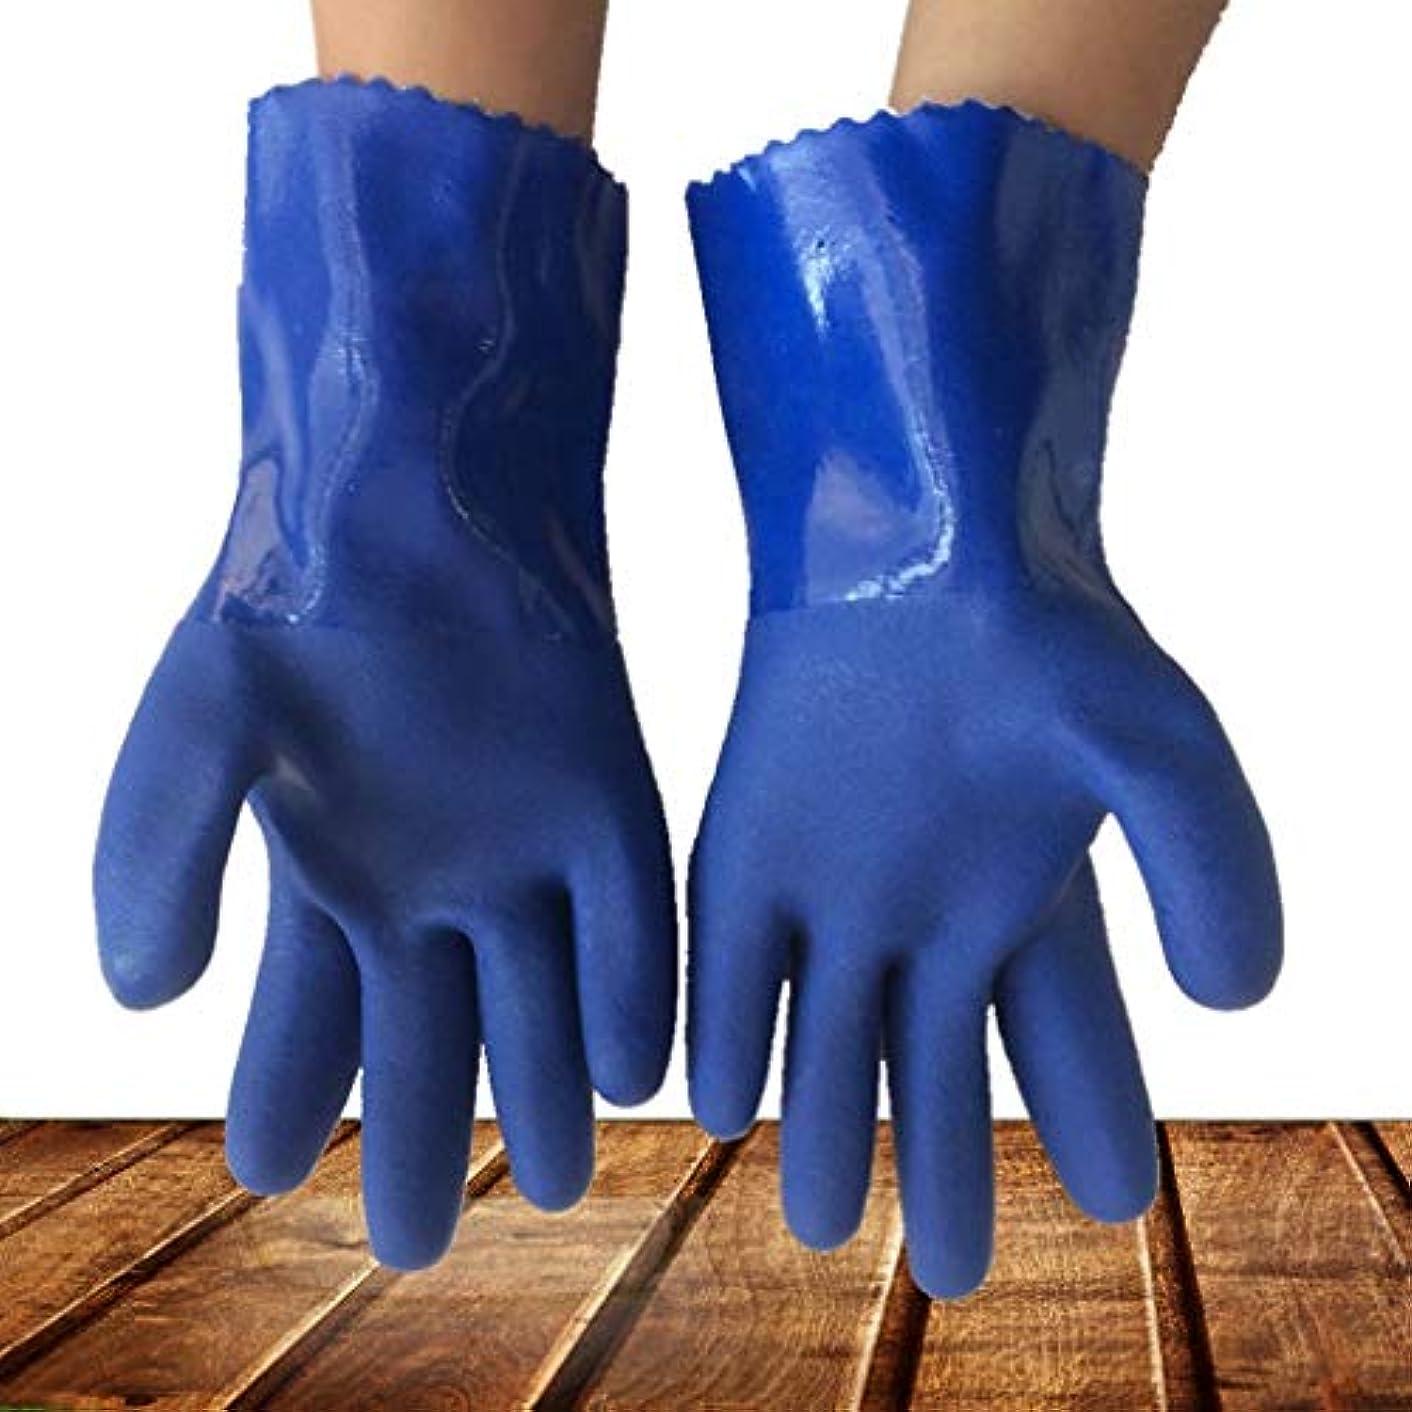 余裕があるスポークスマン尋ねるYSNJXB 手袋 ラテックス化学手袋耐性ゴム産業安全作業保護ロングガントレット手袋、ブルーヘビーデューティ手袋、強い酸、アルカリとオイルに抵抗10ペア ーブガソリンスタンド、ドライアイス、冷蔵、工業用手袋